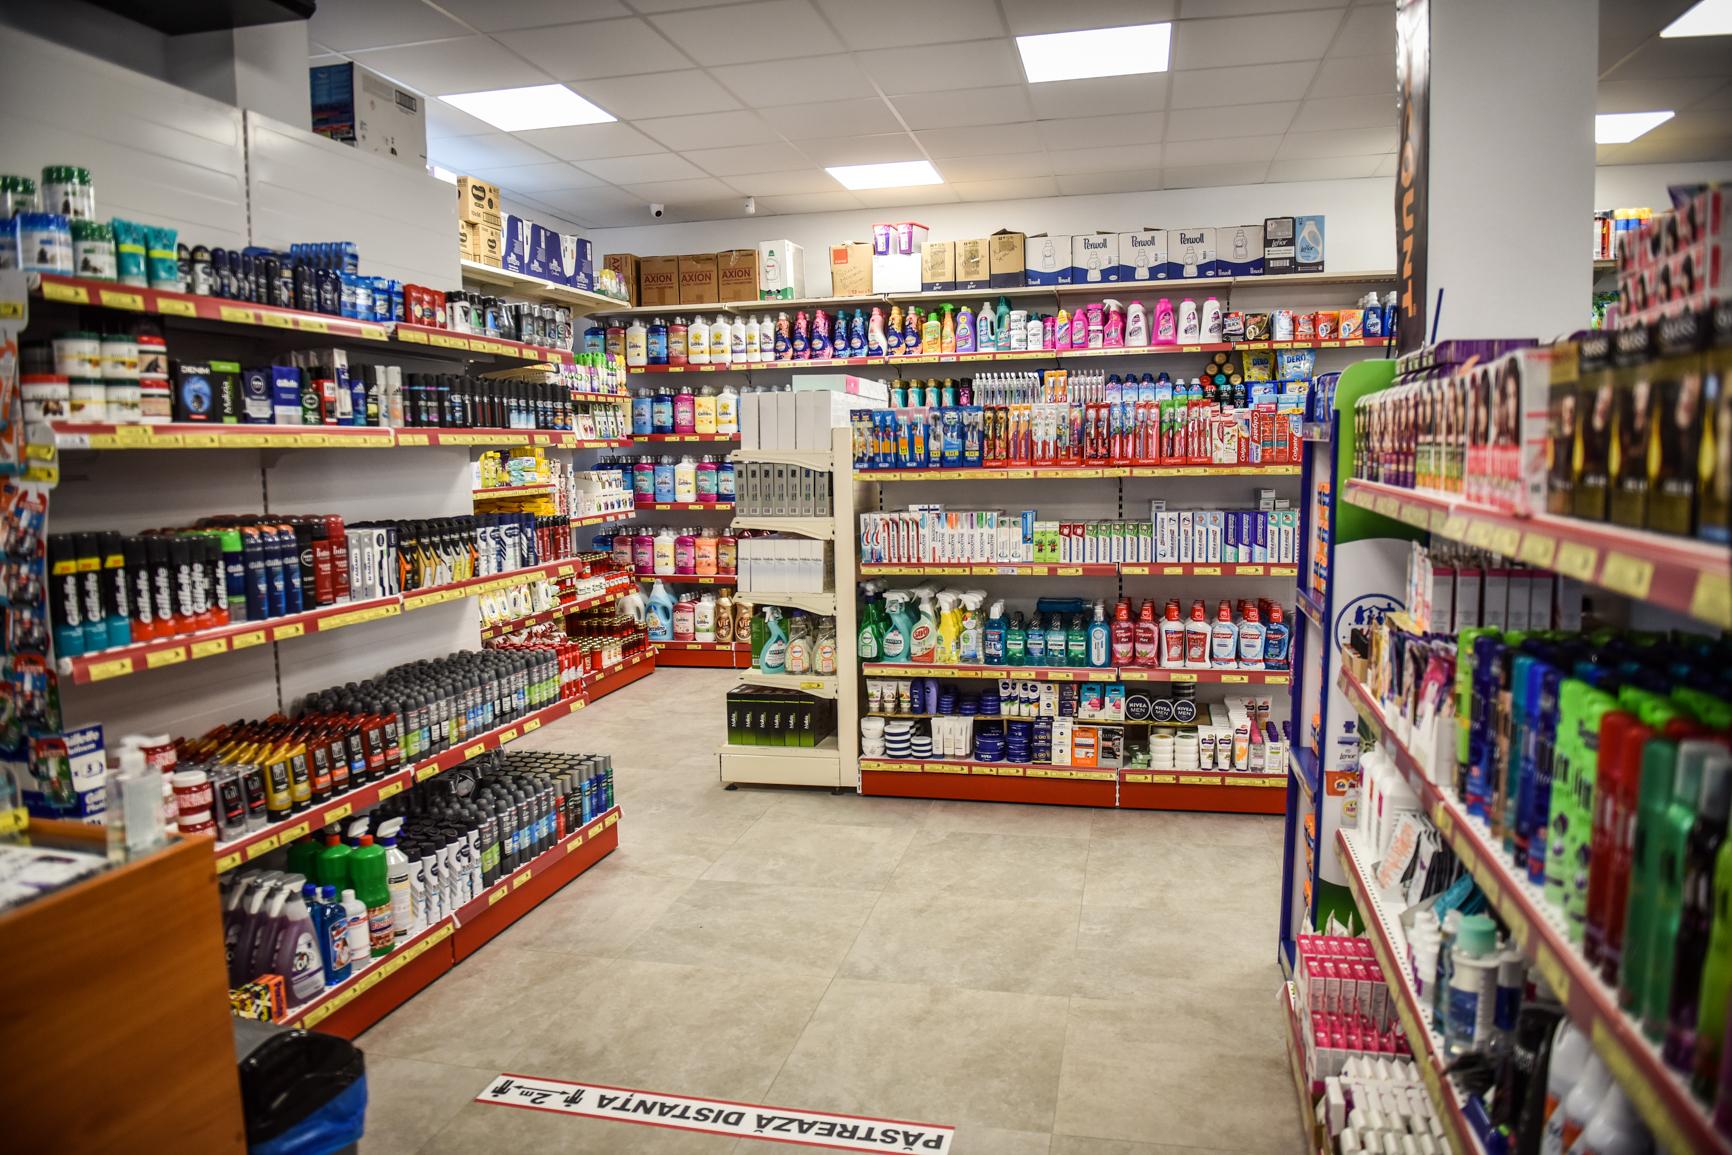 S-a deschis Hard Discount – afacere locală cu produse de curățenie și îngrijire la prețuri avantajoase